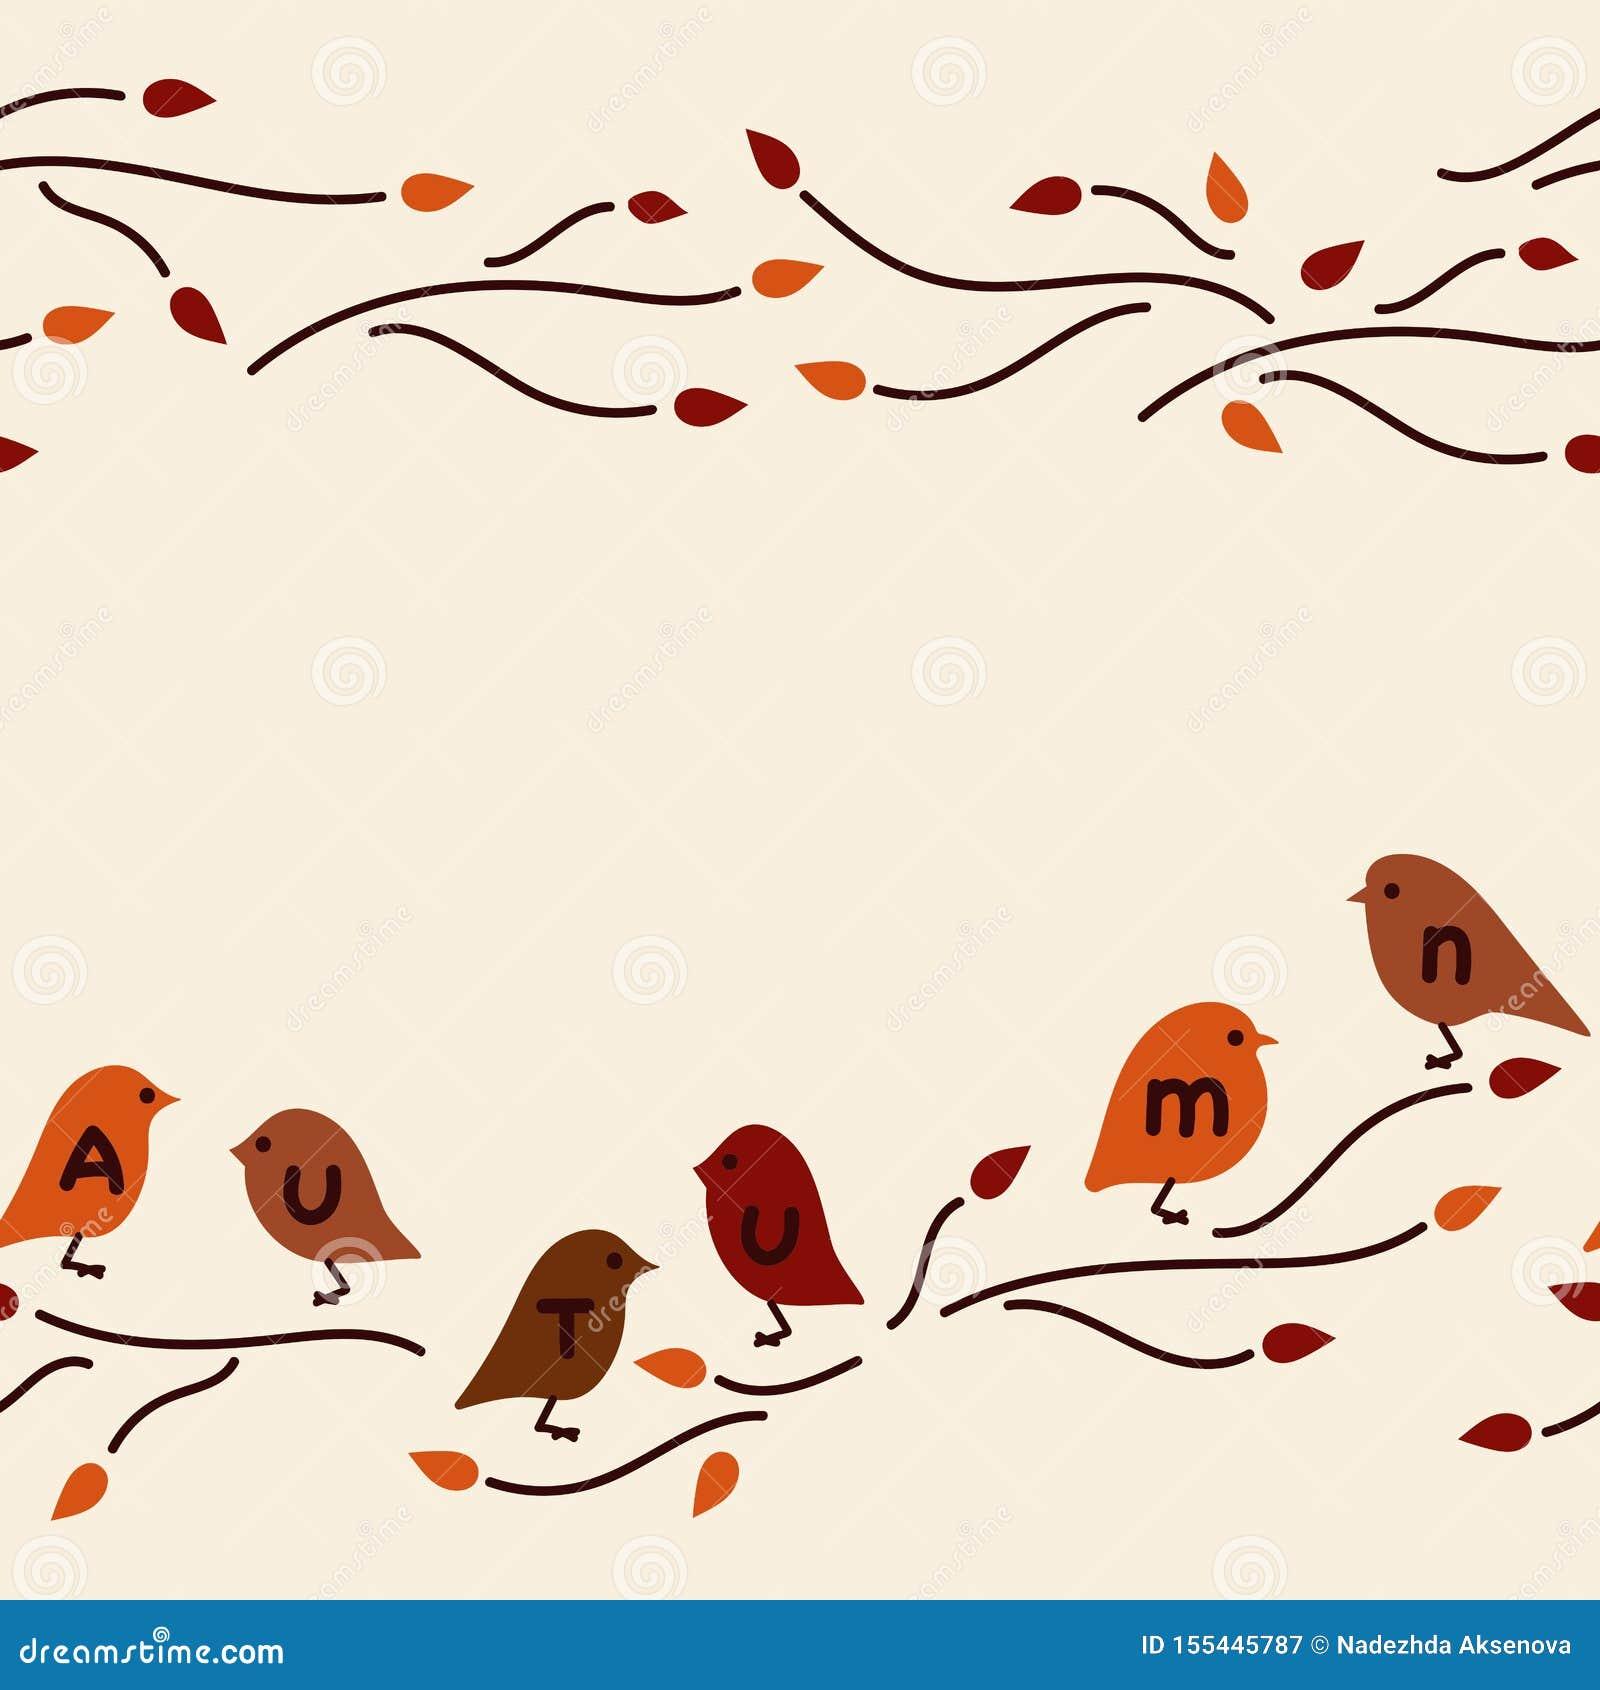 Vector seamless border. Cute birds on the branches, doodles